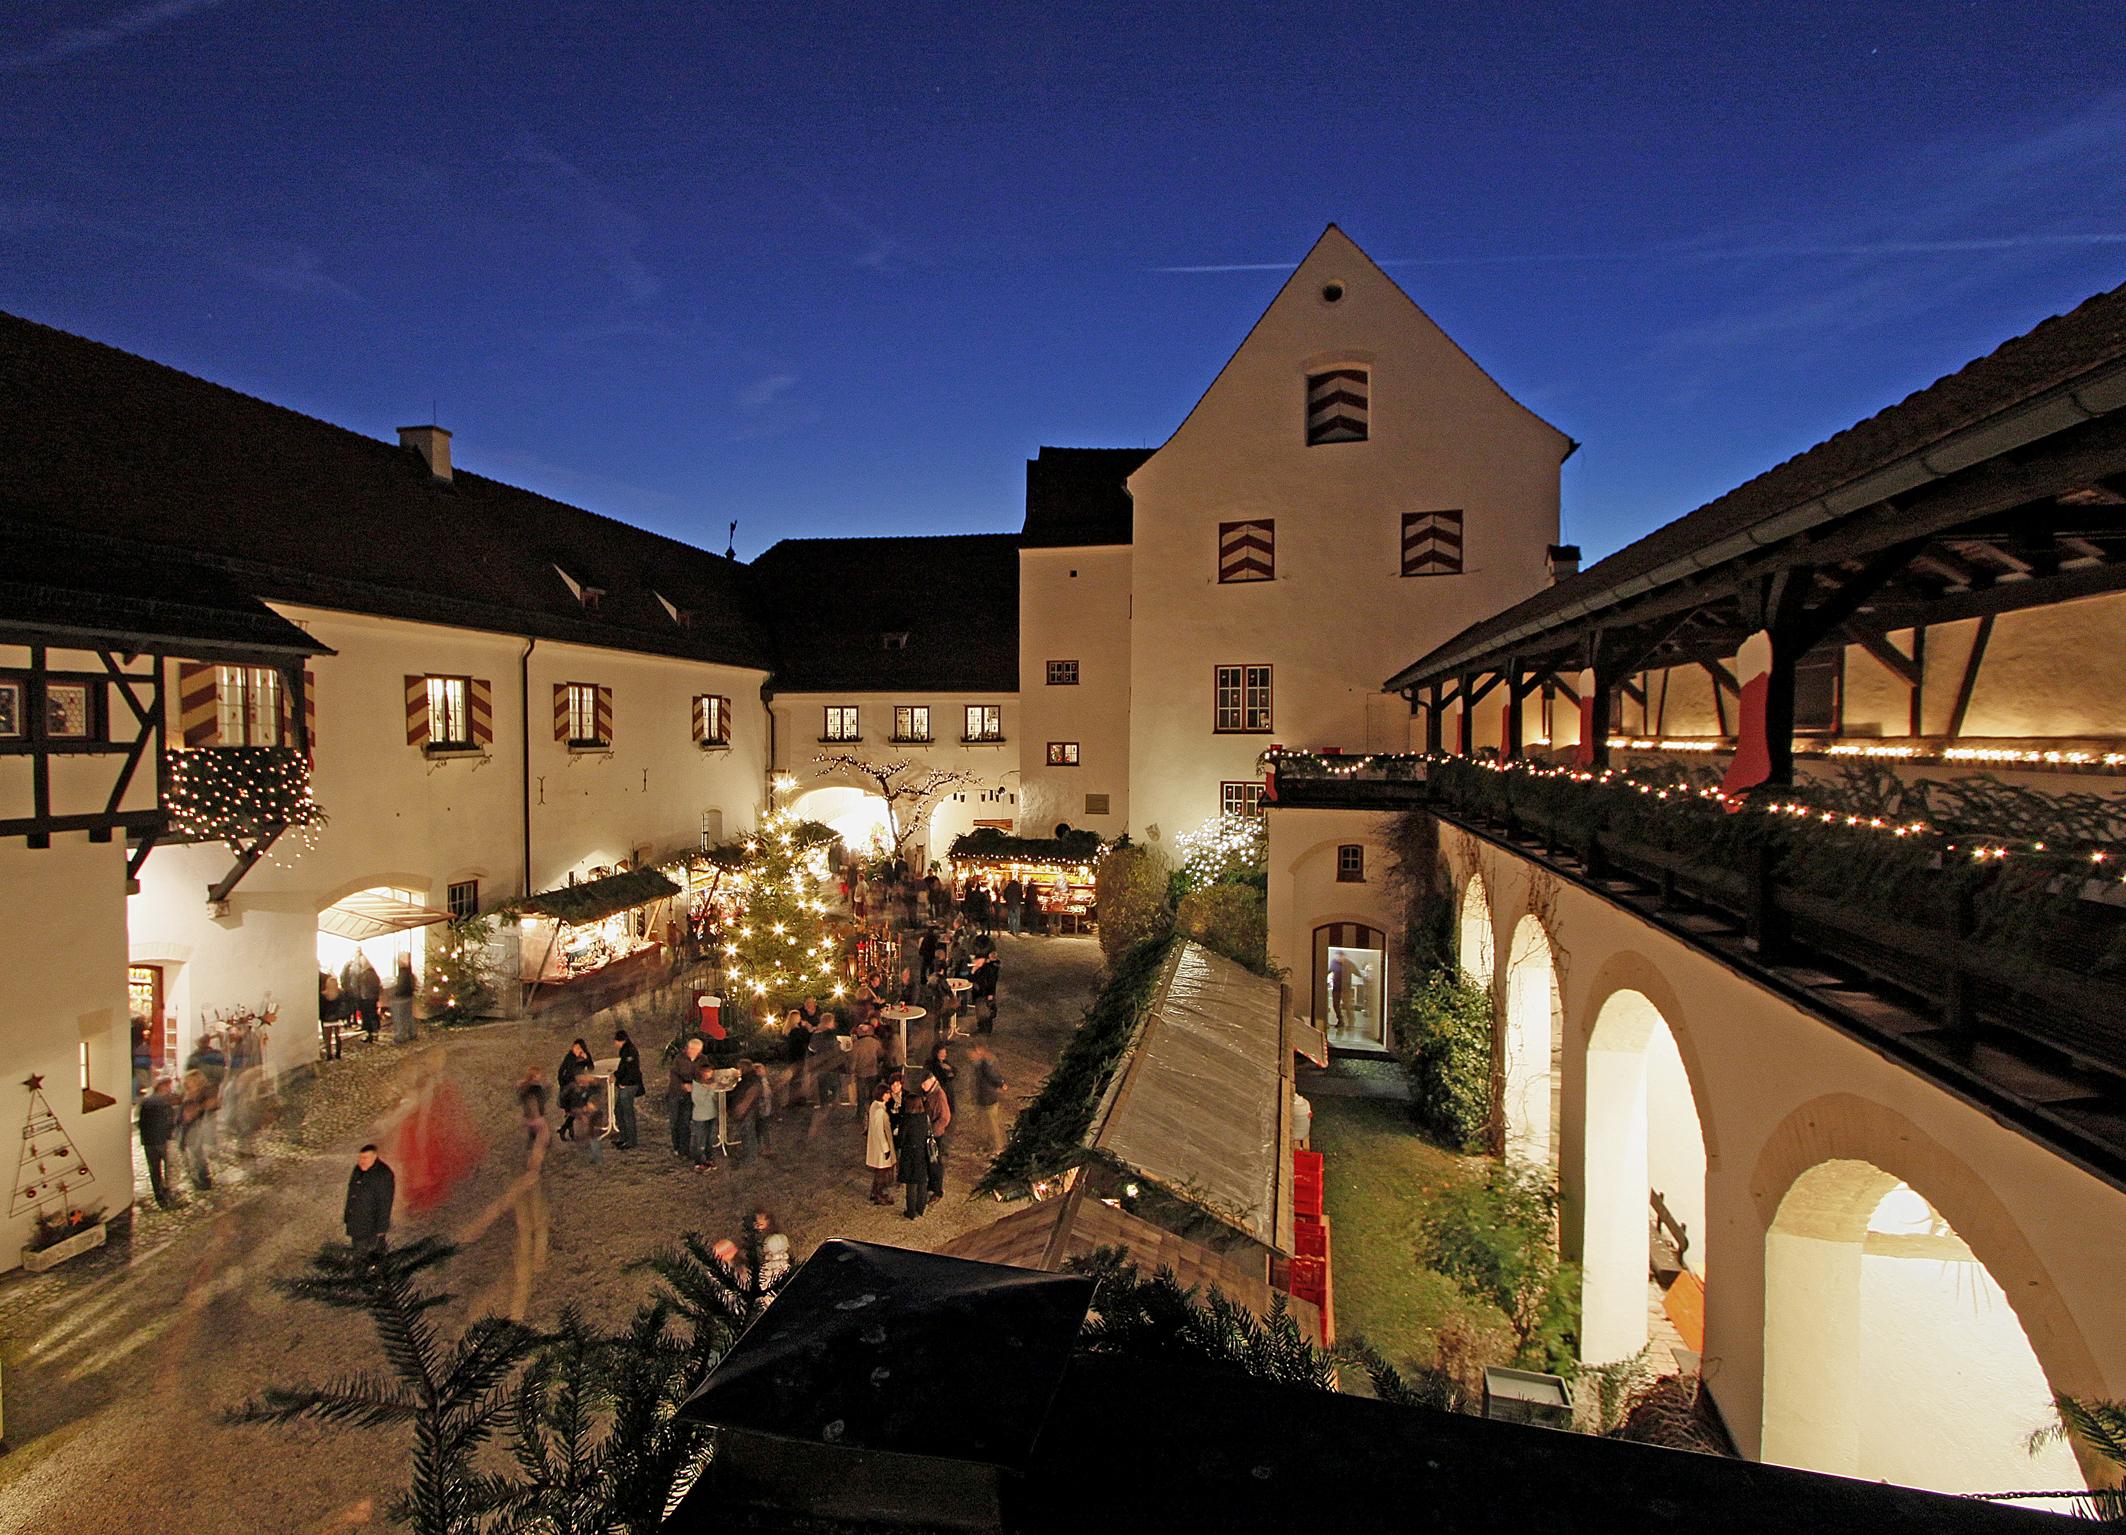 Romantischer Weihnachtsmarkt.Weihnachtsmarkt Schloss Kronburg